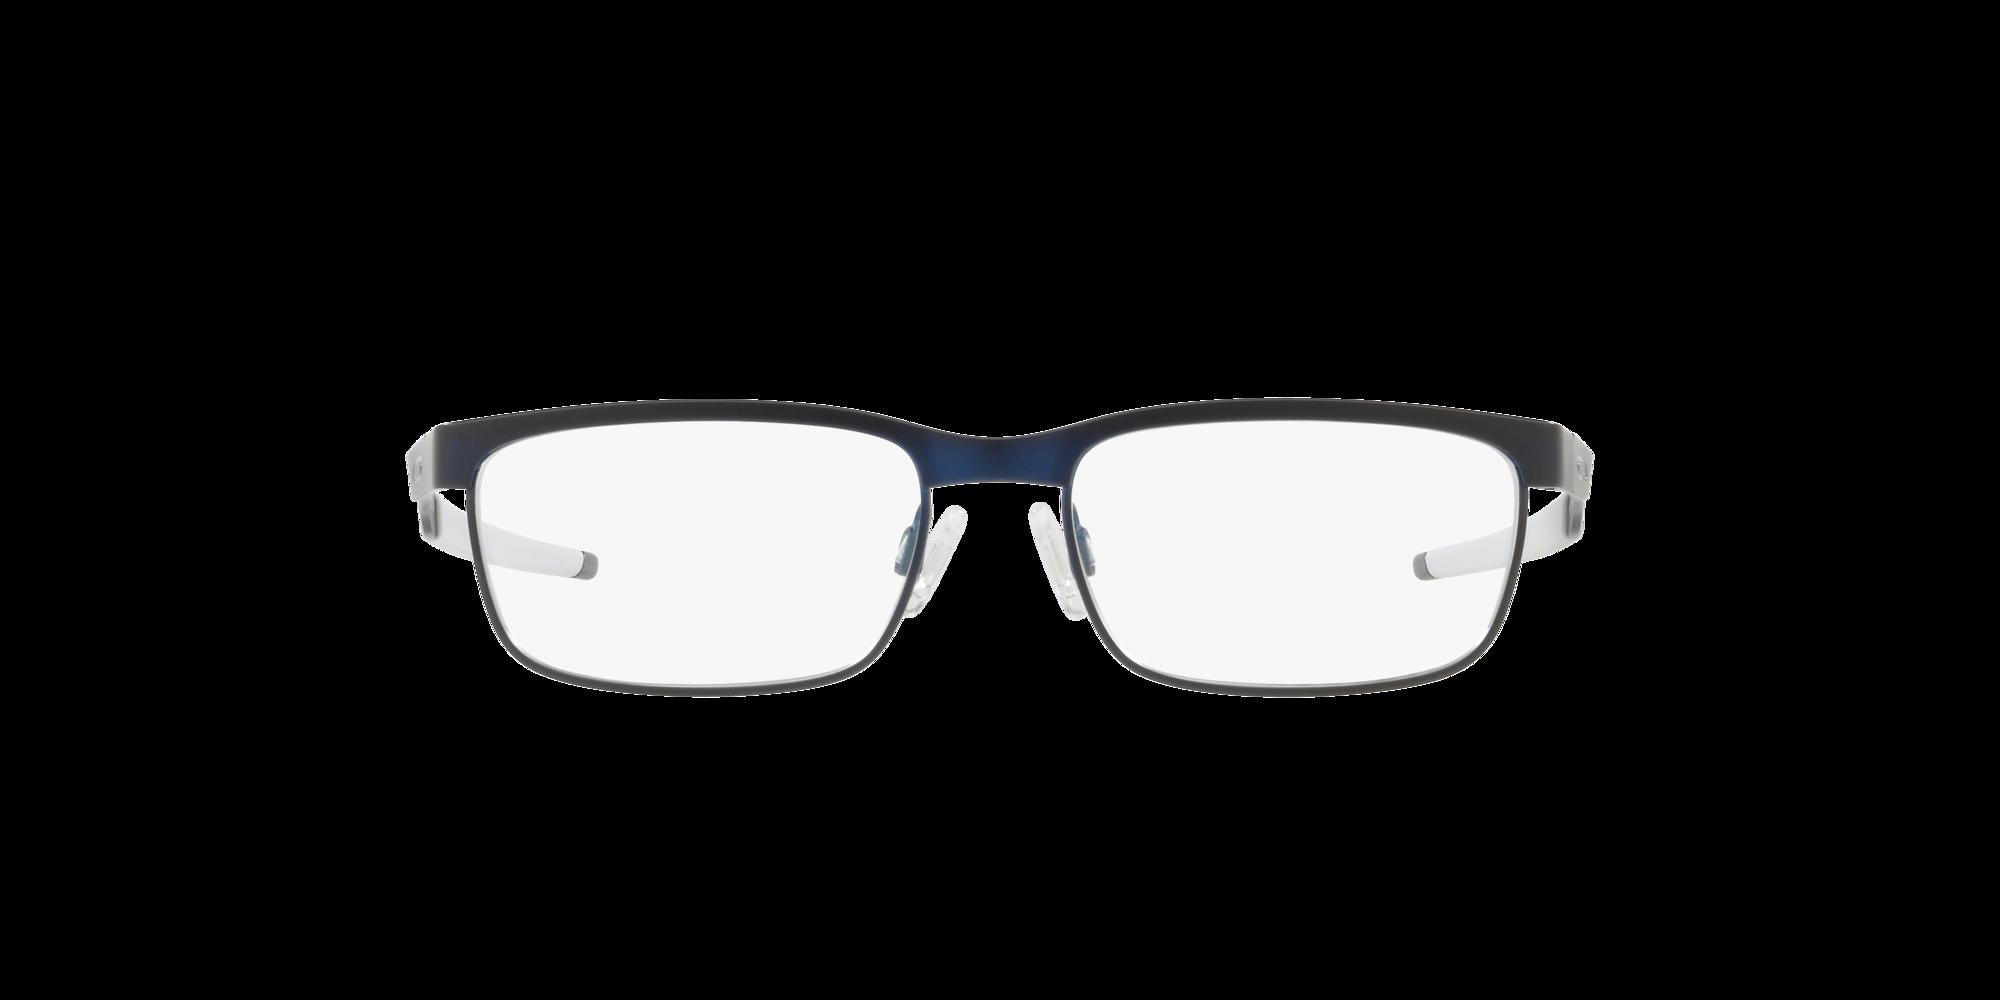 Imagen para OY3002 STEEL PLATE XS de LensCrafters |  Espejuelos, espejuelos graduados en línea, gafas